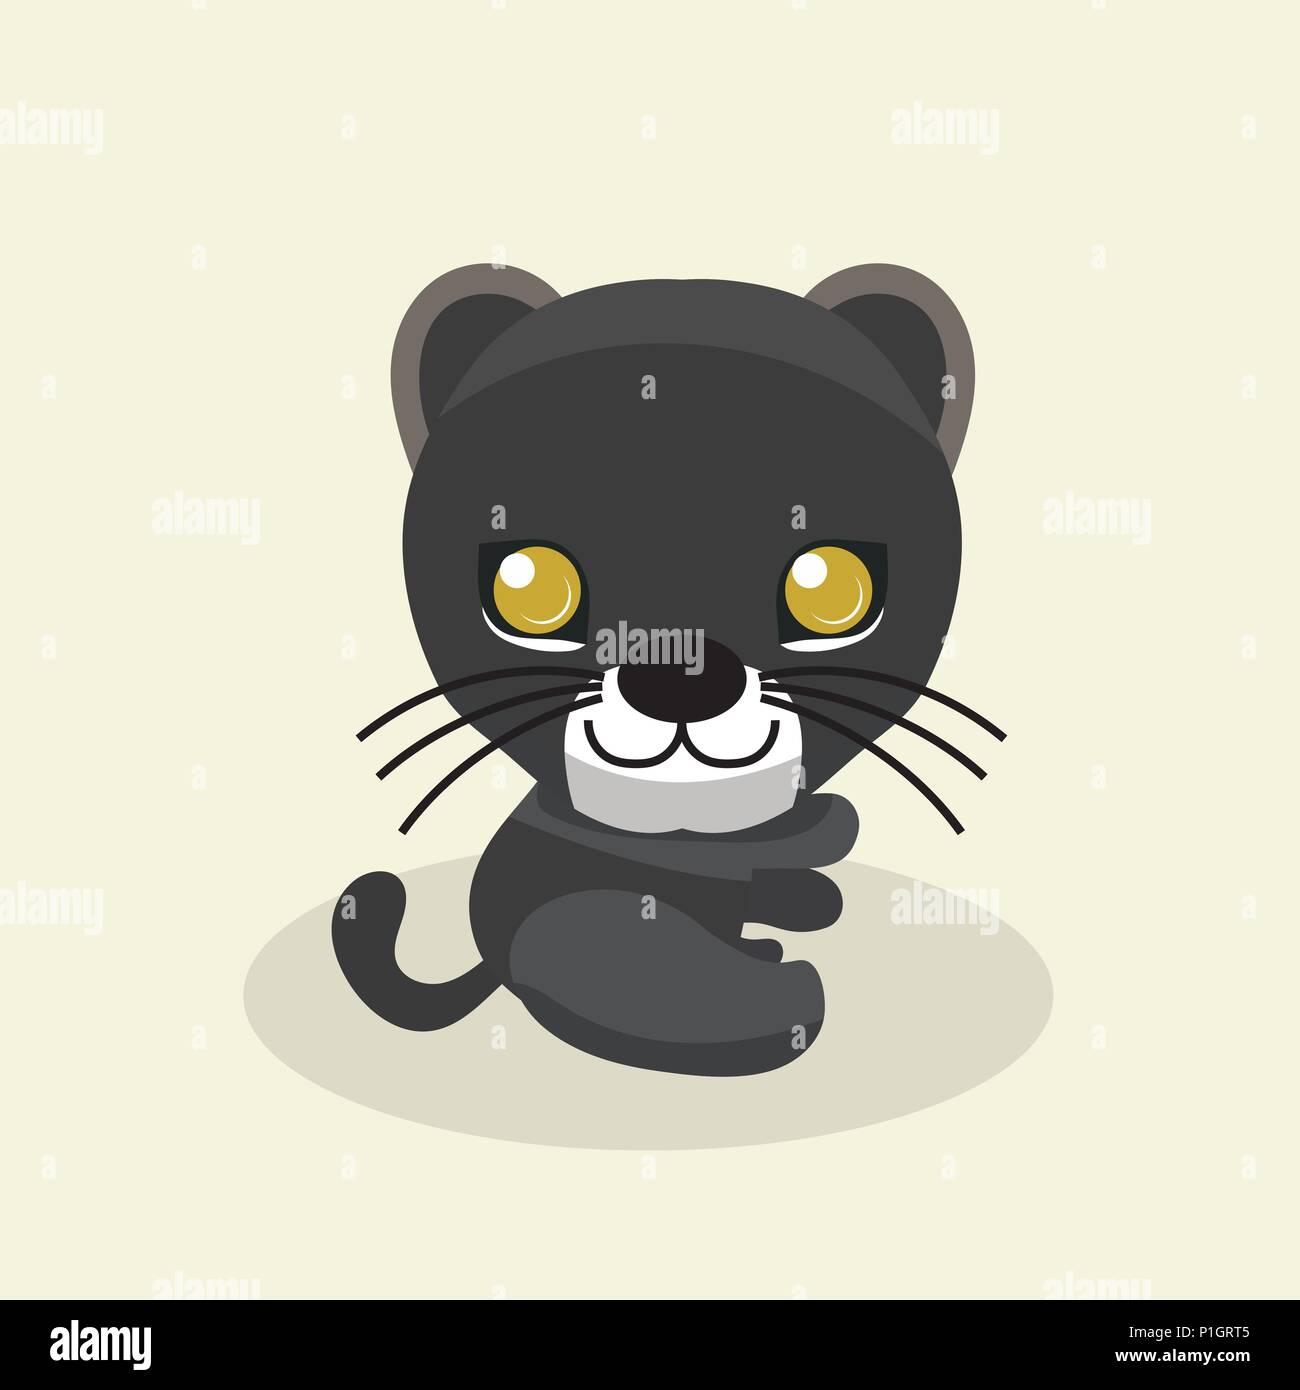 Panther Clip Art Stock Photos Amp Panther Clip Art Stock Images